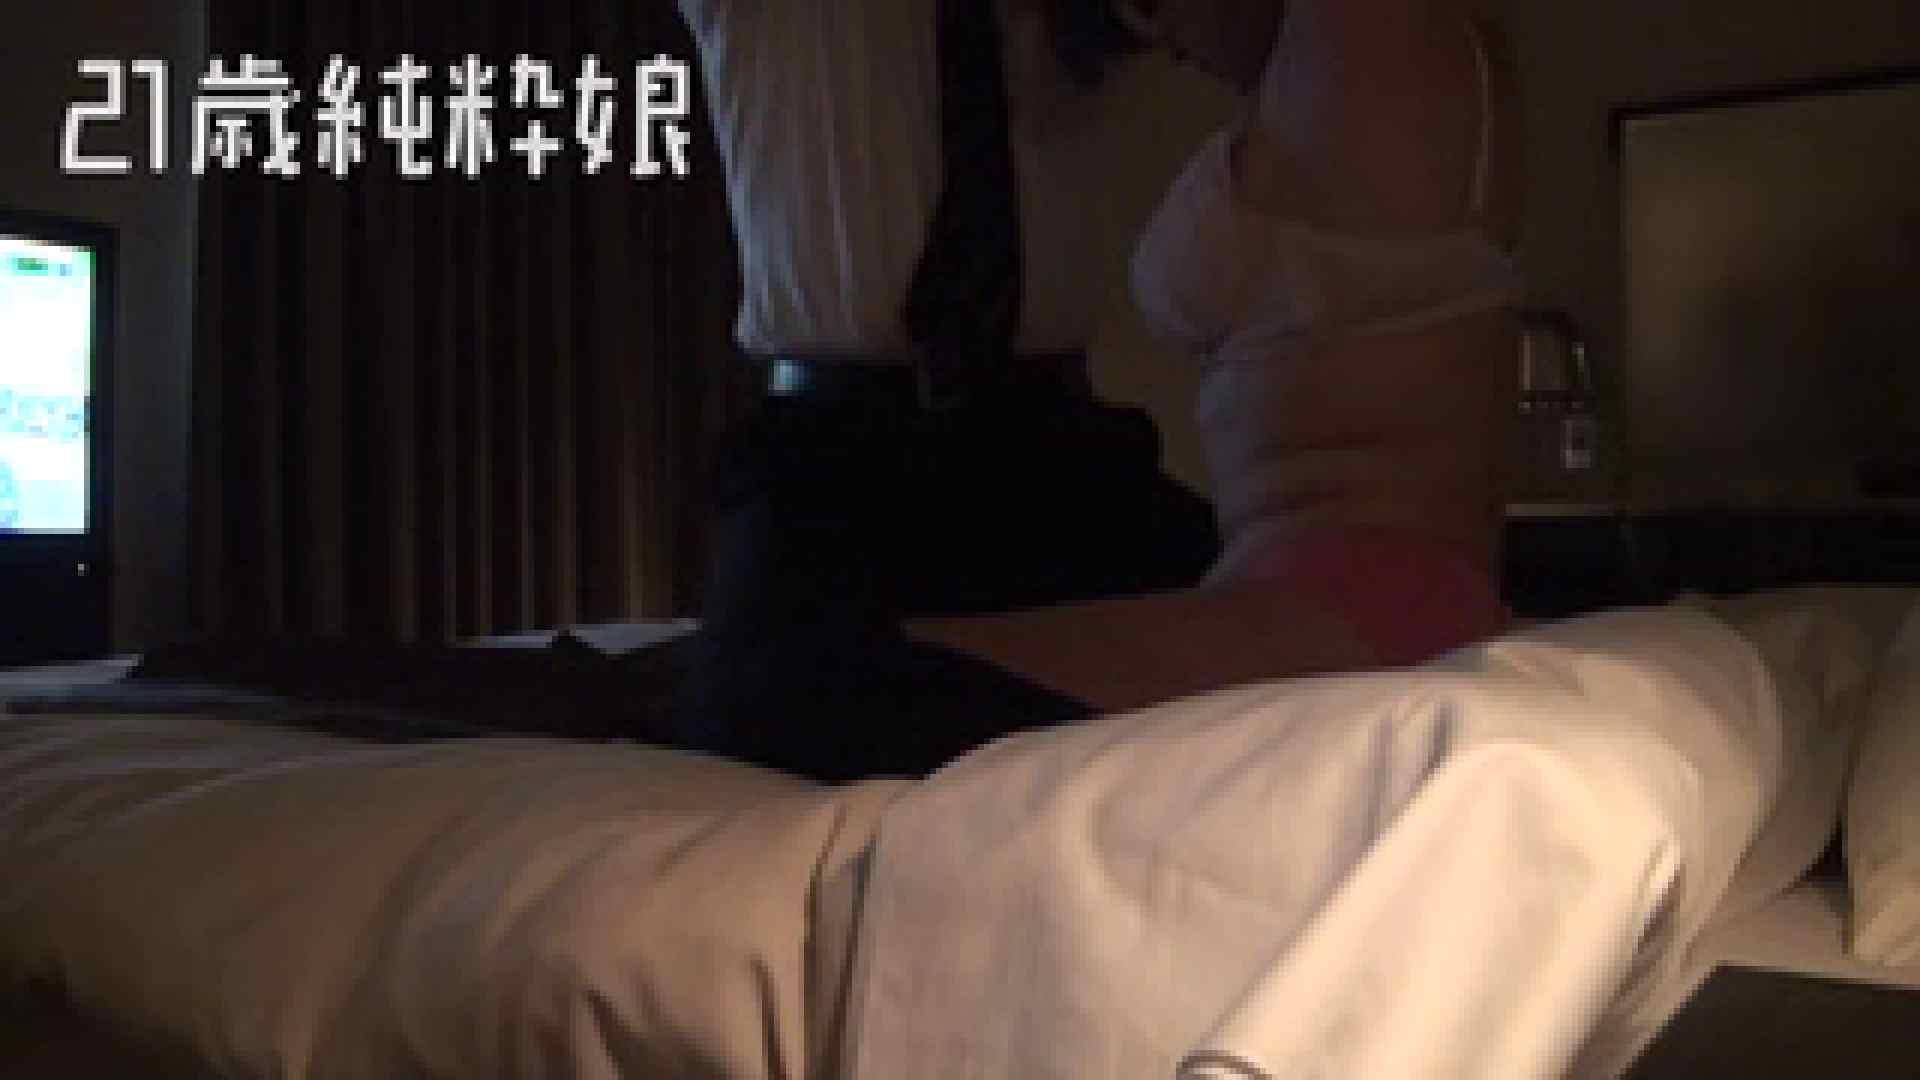 上京したばかりのGカップ21歳純粋嬢を都合の良い女にしてみた4 ホテル  75連発 16